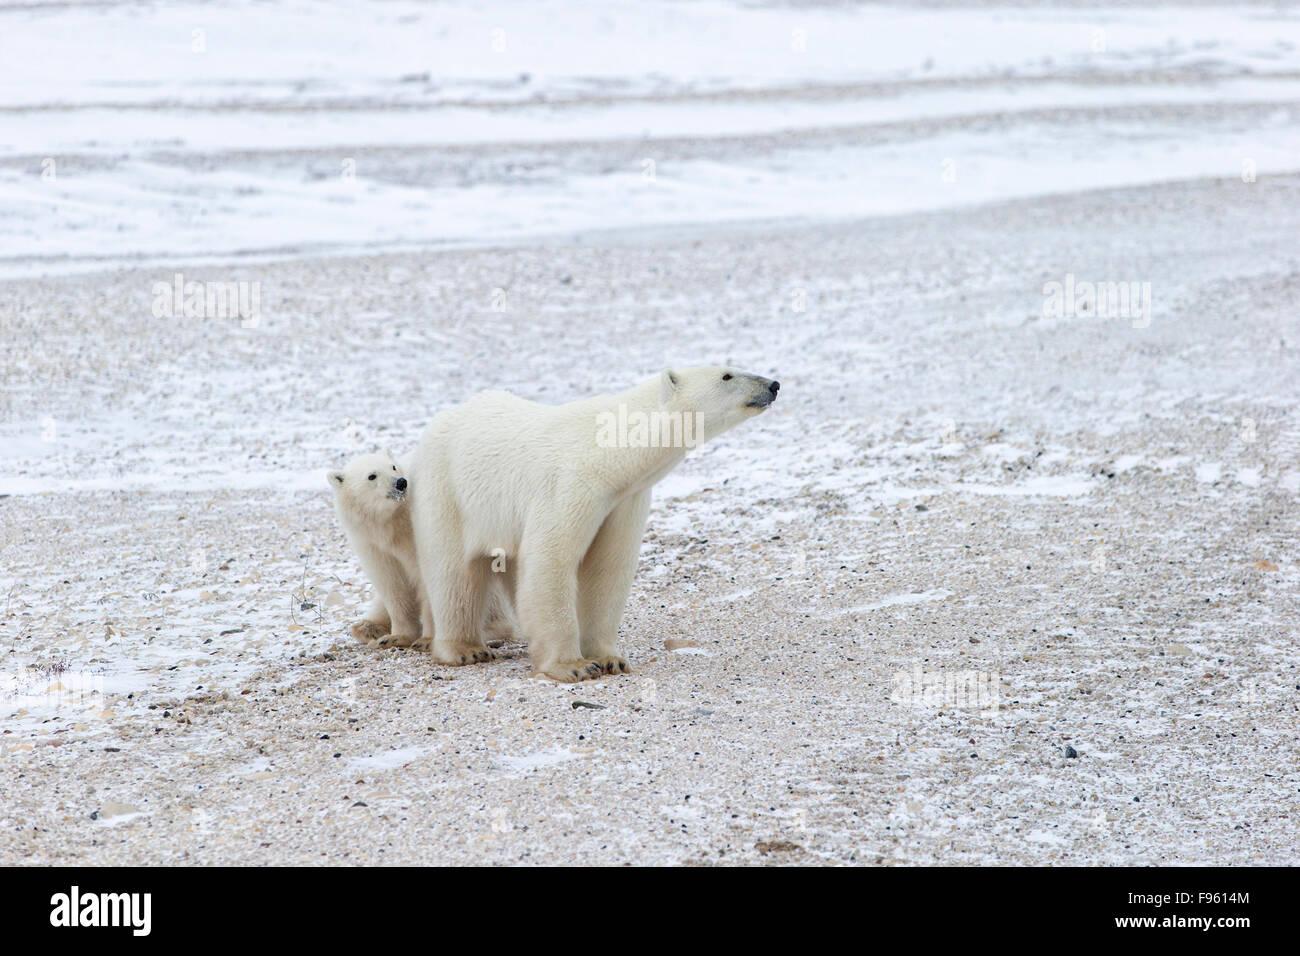 El oso polar (Ursus maritimus), hembra y un cachorro del año, Cabo Churchill, Parque Nacional Wapusk, Manitoba. Imagen De Stock